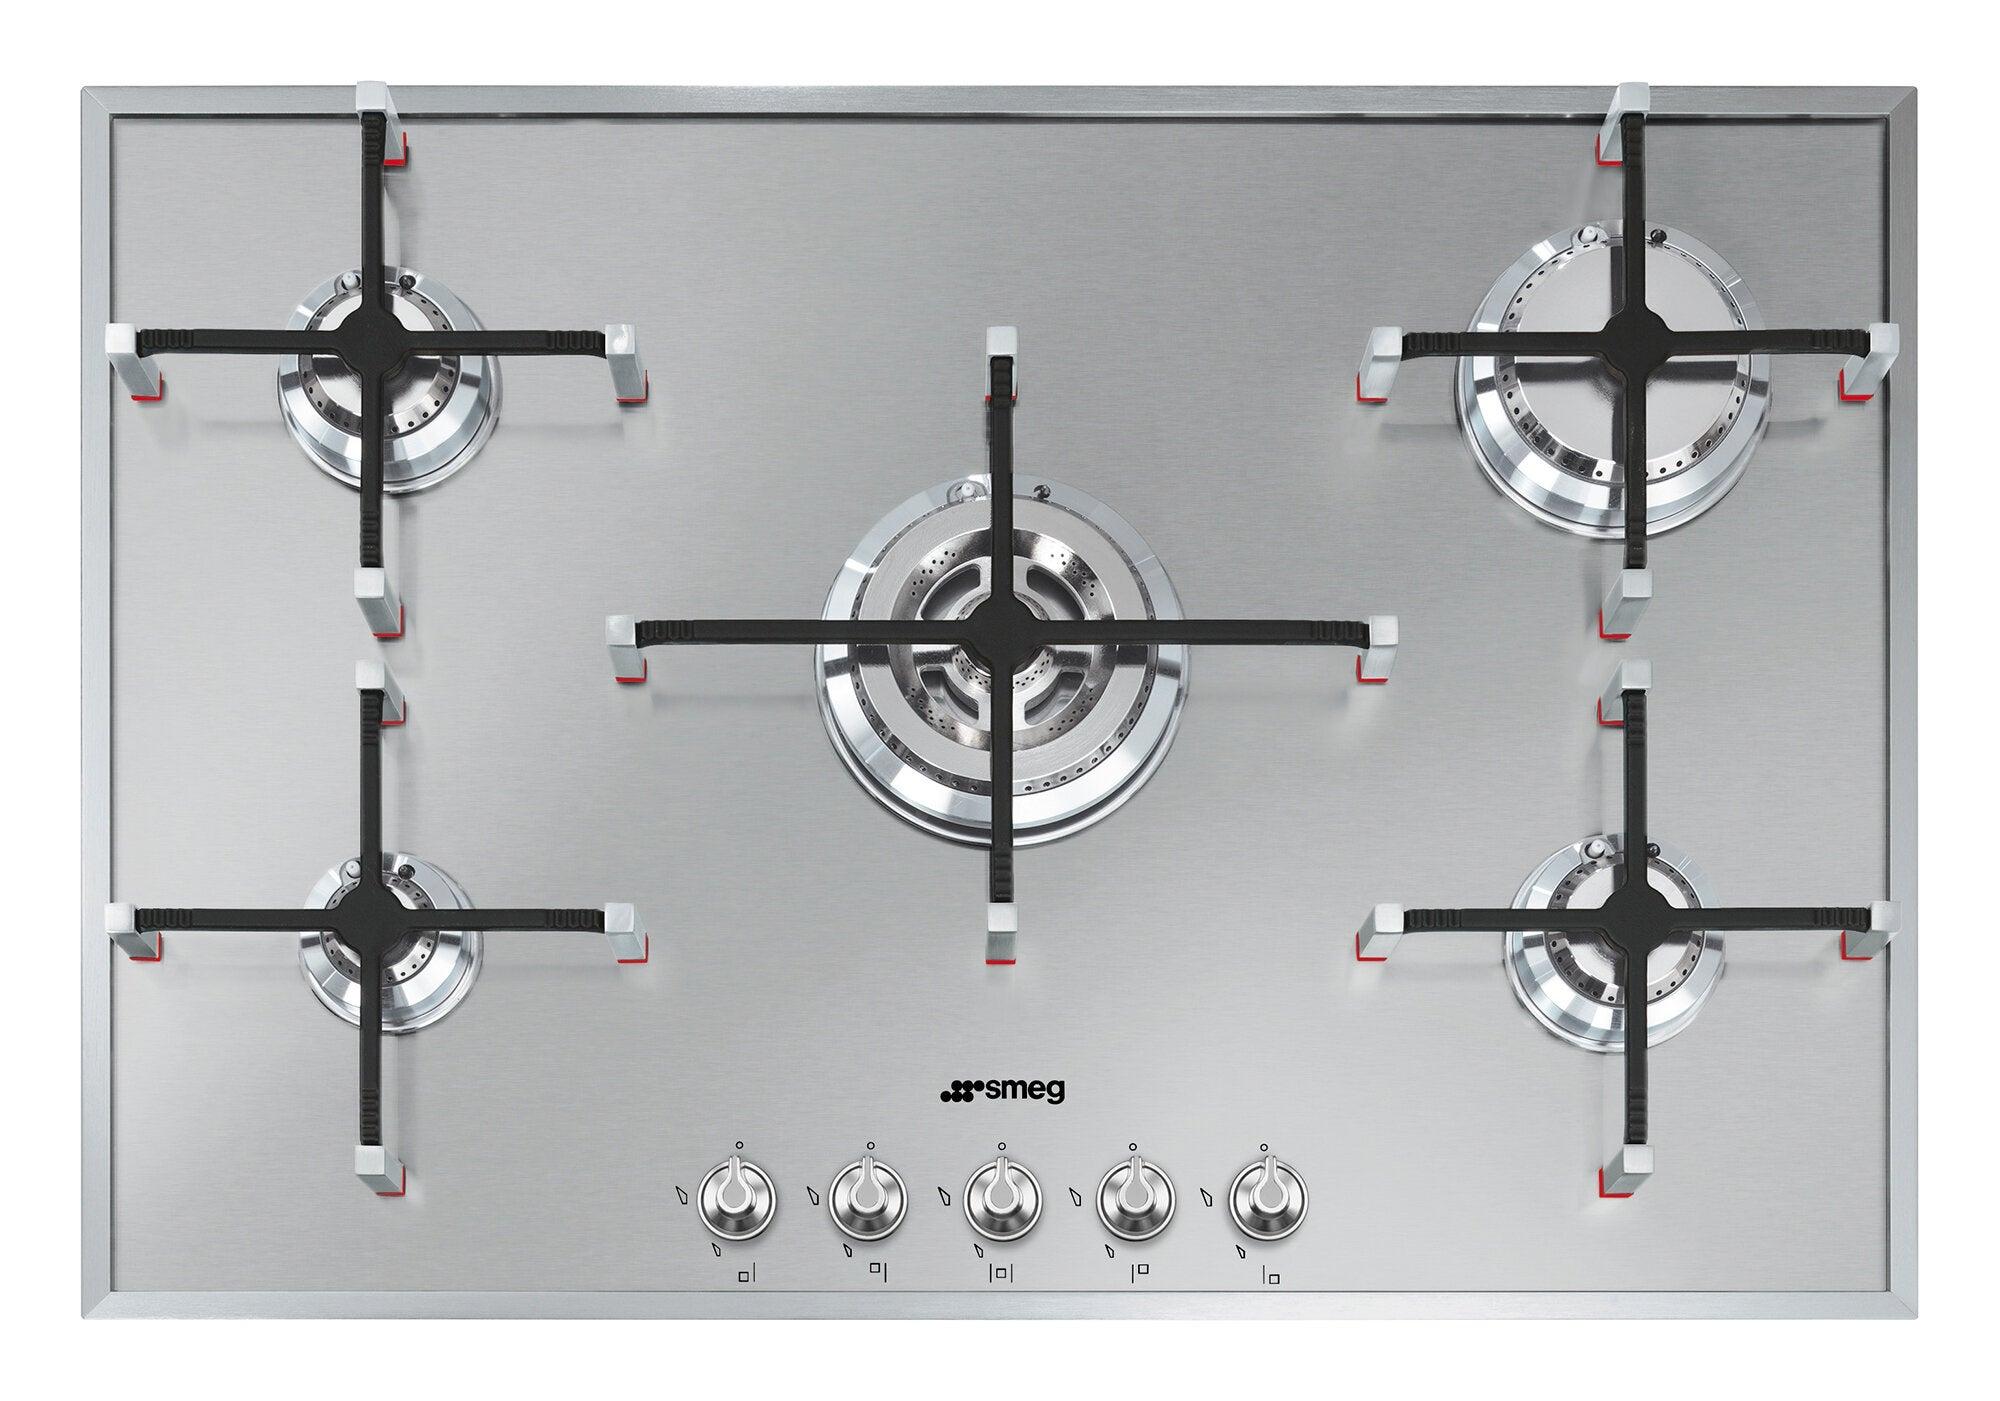 Smeg PX7502AU Kitchen Cooktop